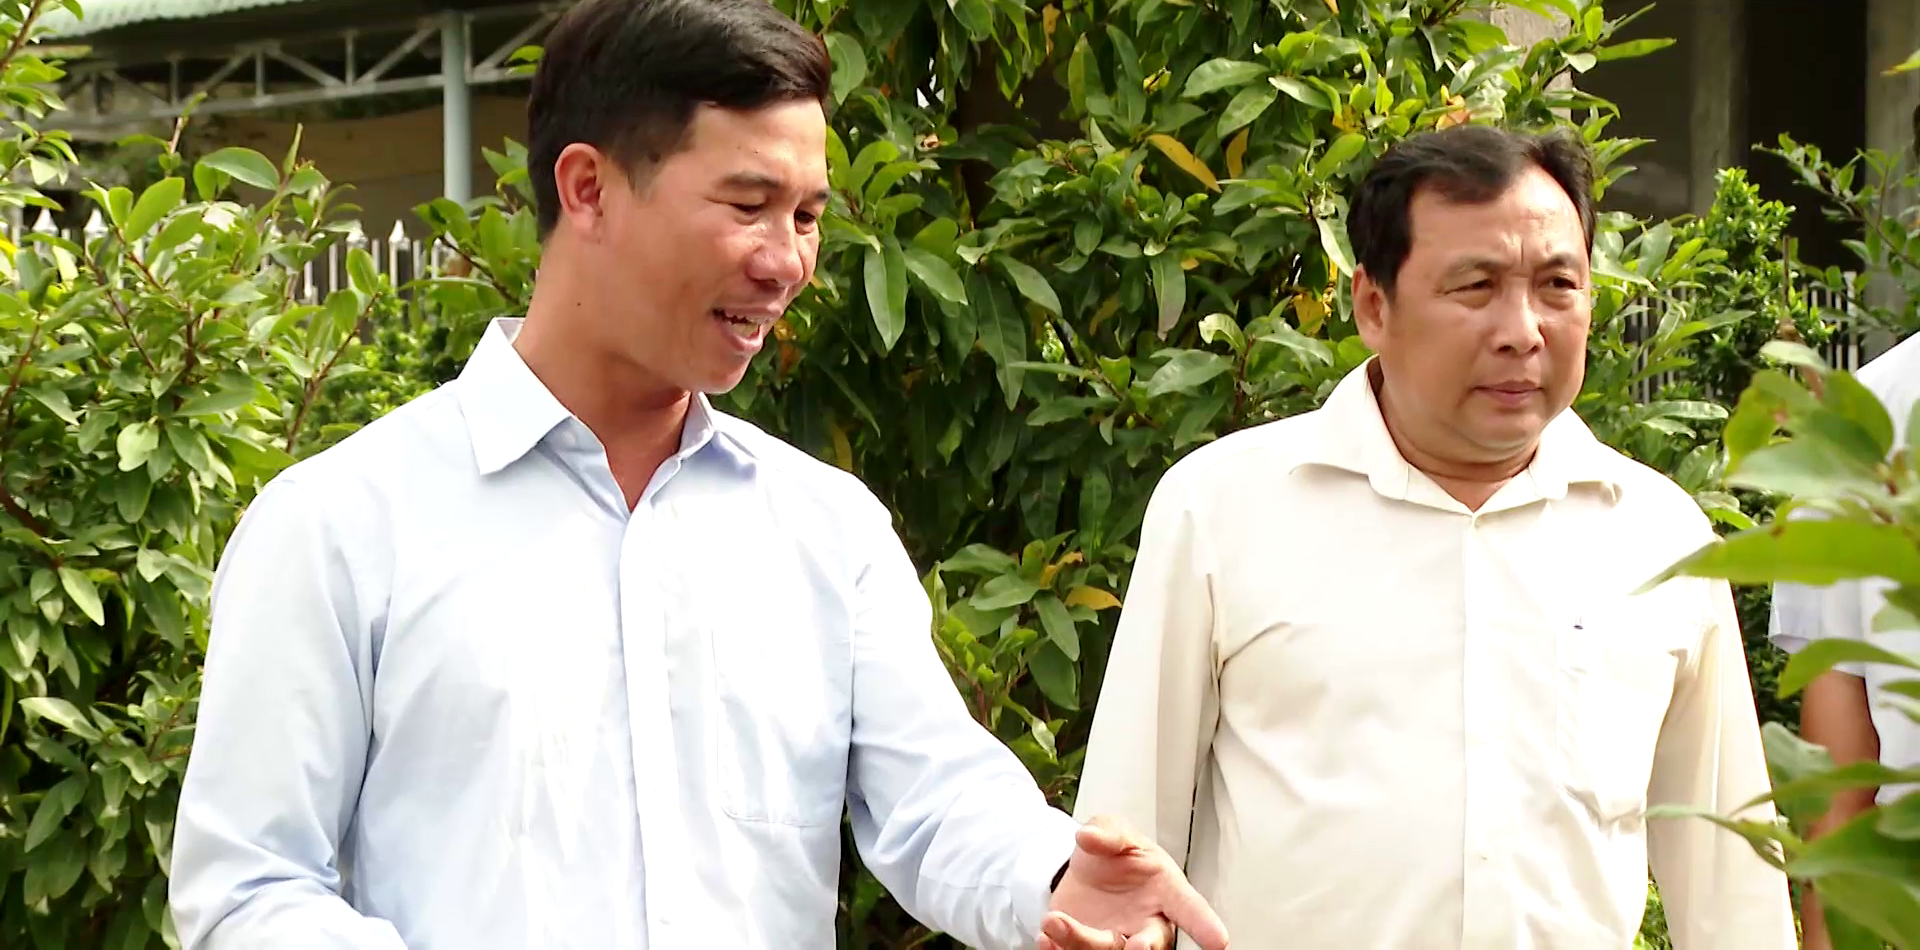 Tiền Giang: Làm tốt việc này, tỉnh có thêm hơn 100.000 hộ nông dân có thu nhập mỗi năm hàng trăm triệu đồng   - Ảnh 2.